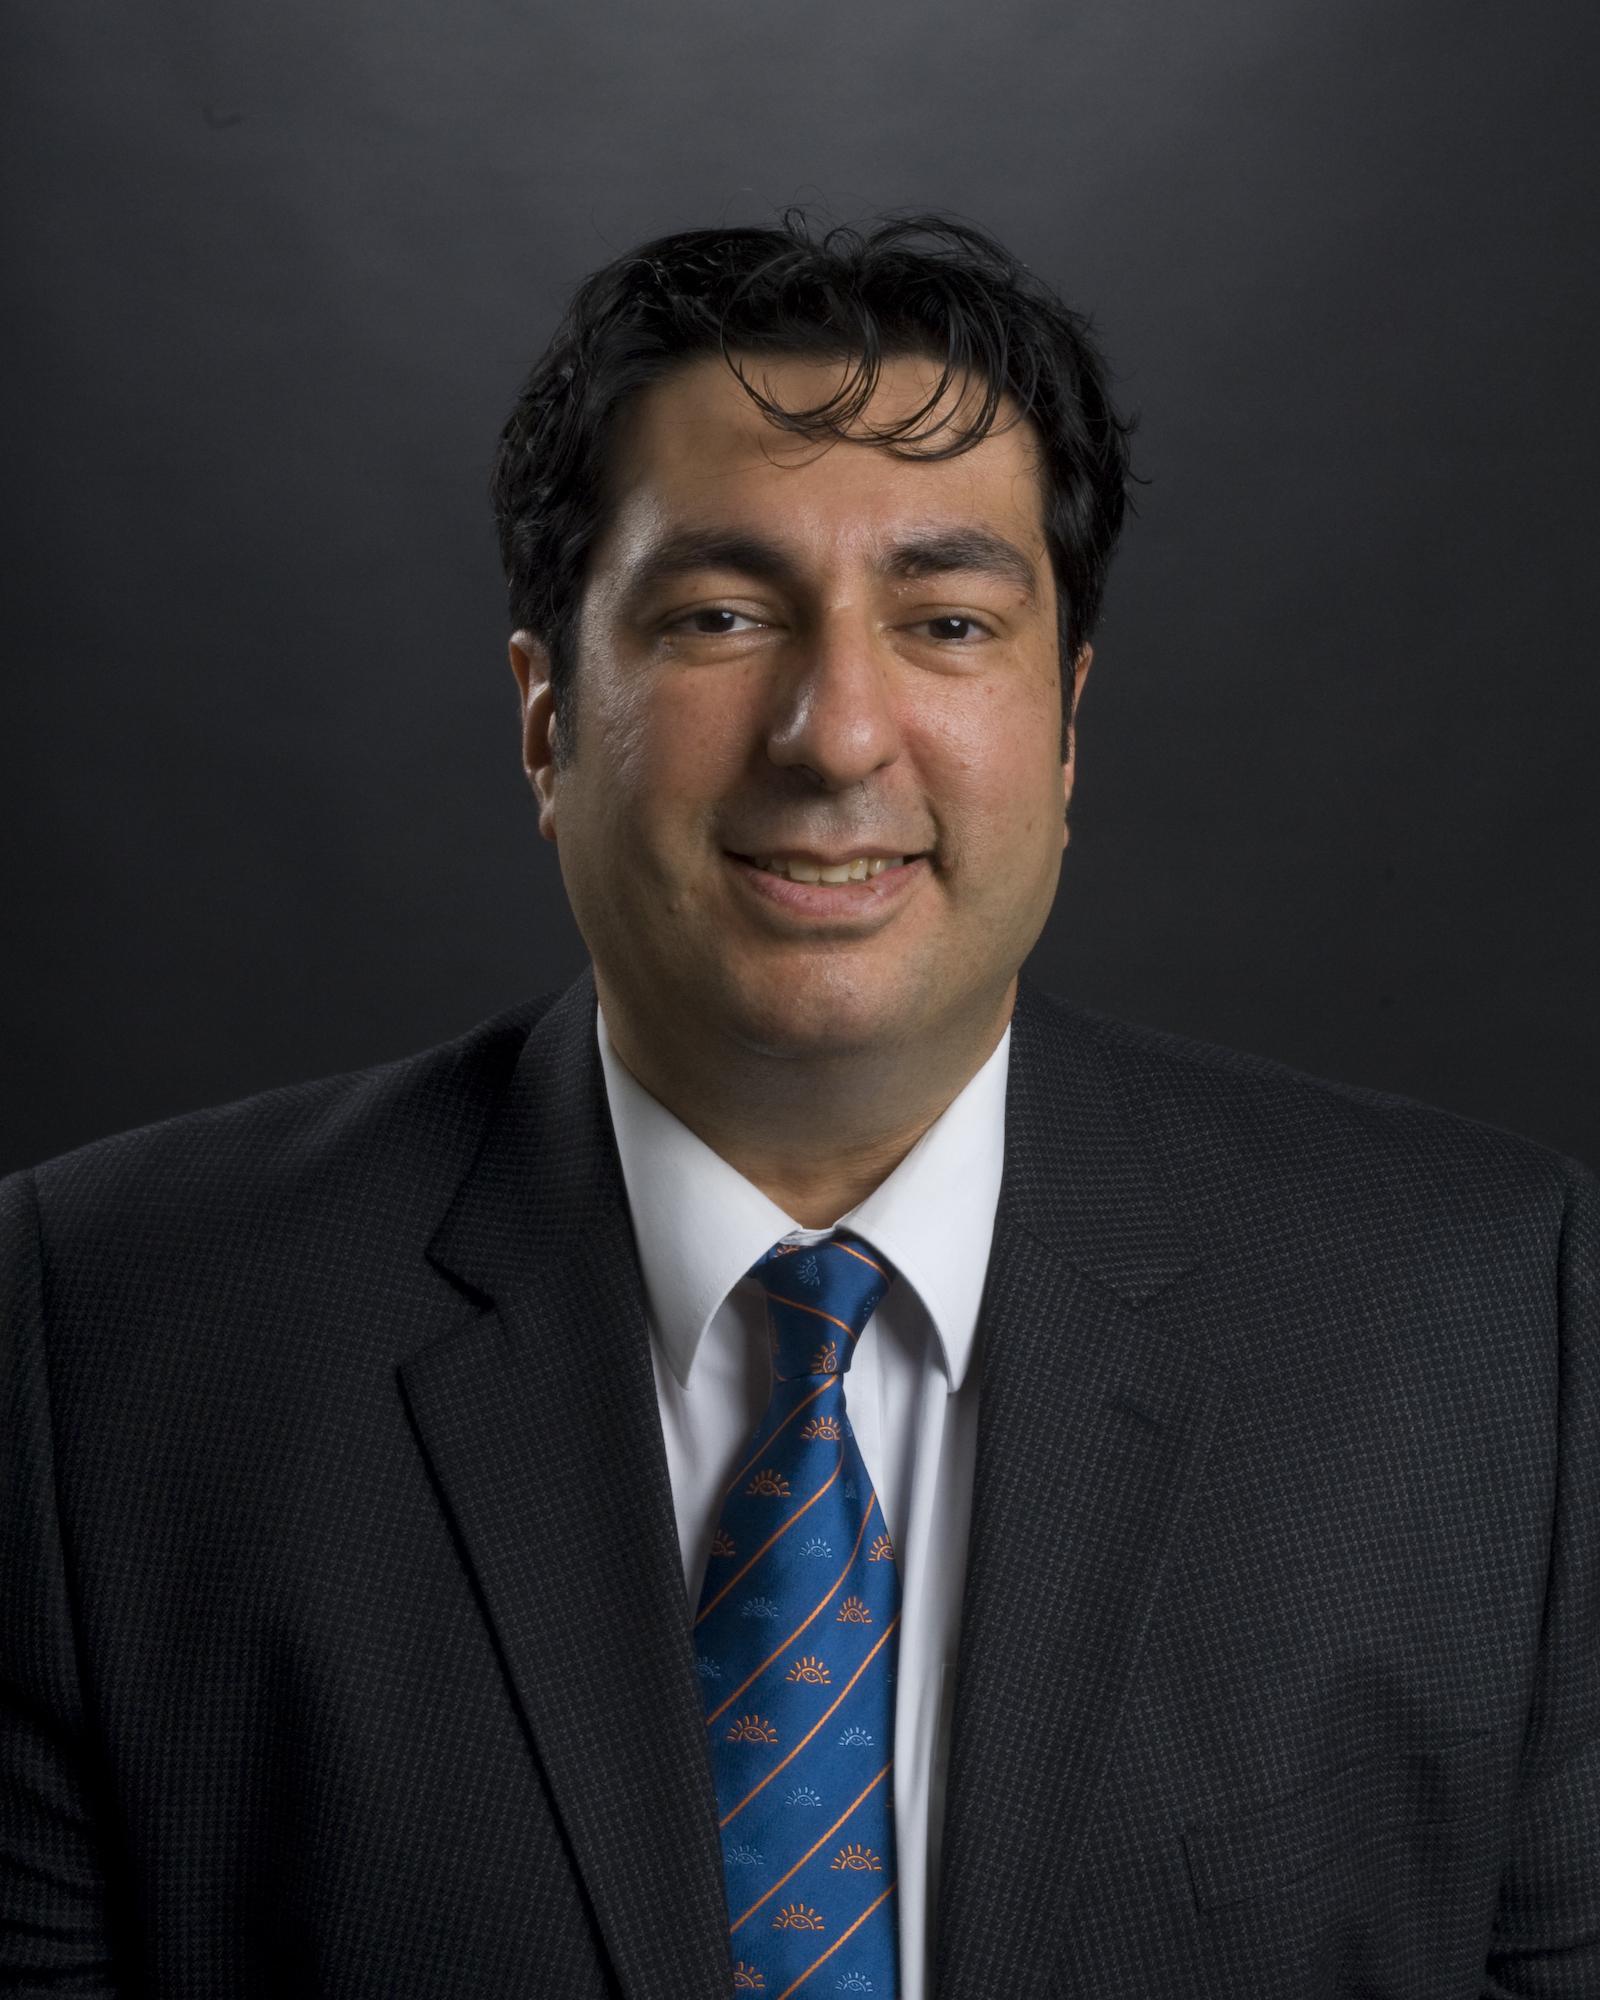 Mansoor Foroughi Consultant Neurosurgeon